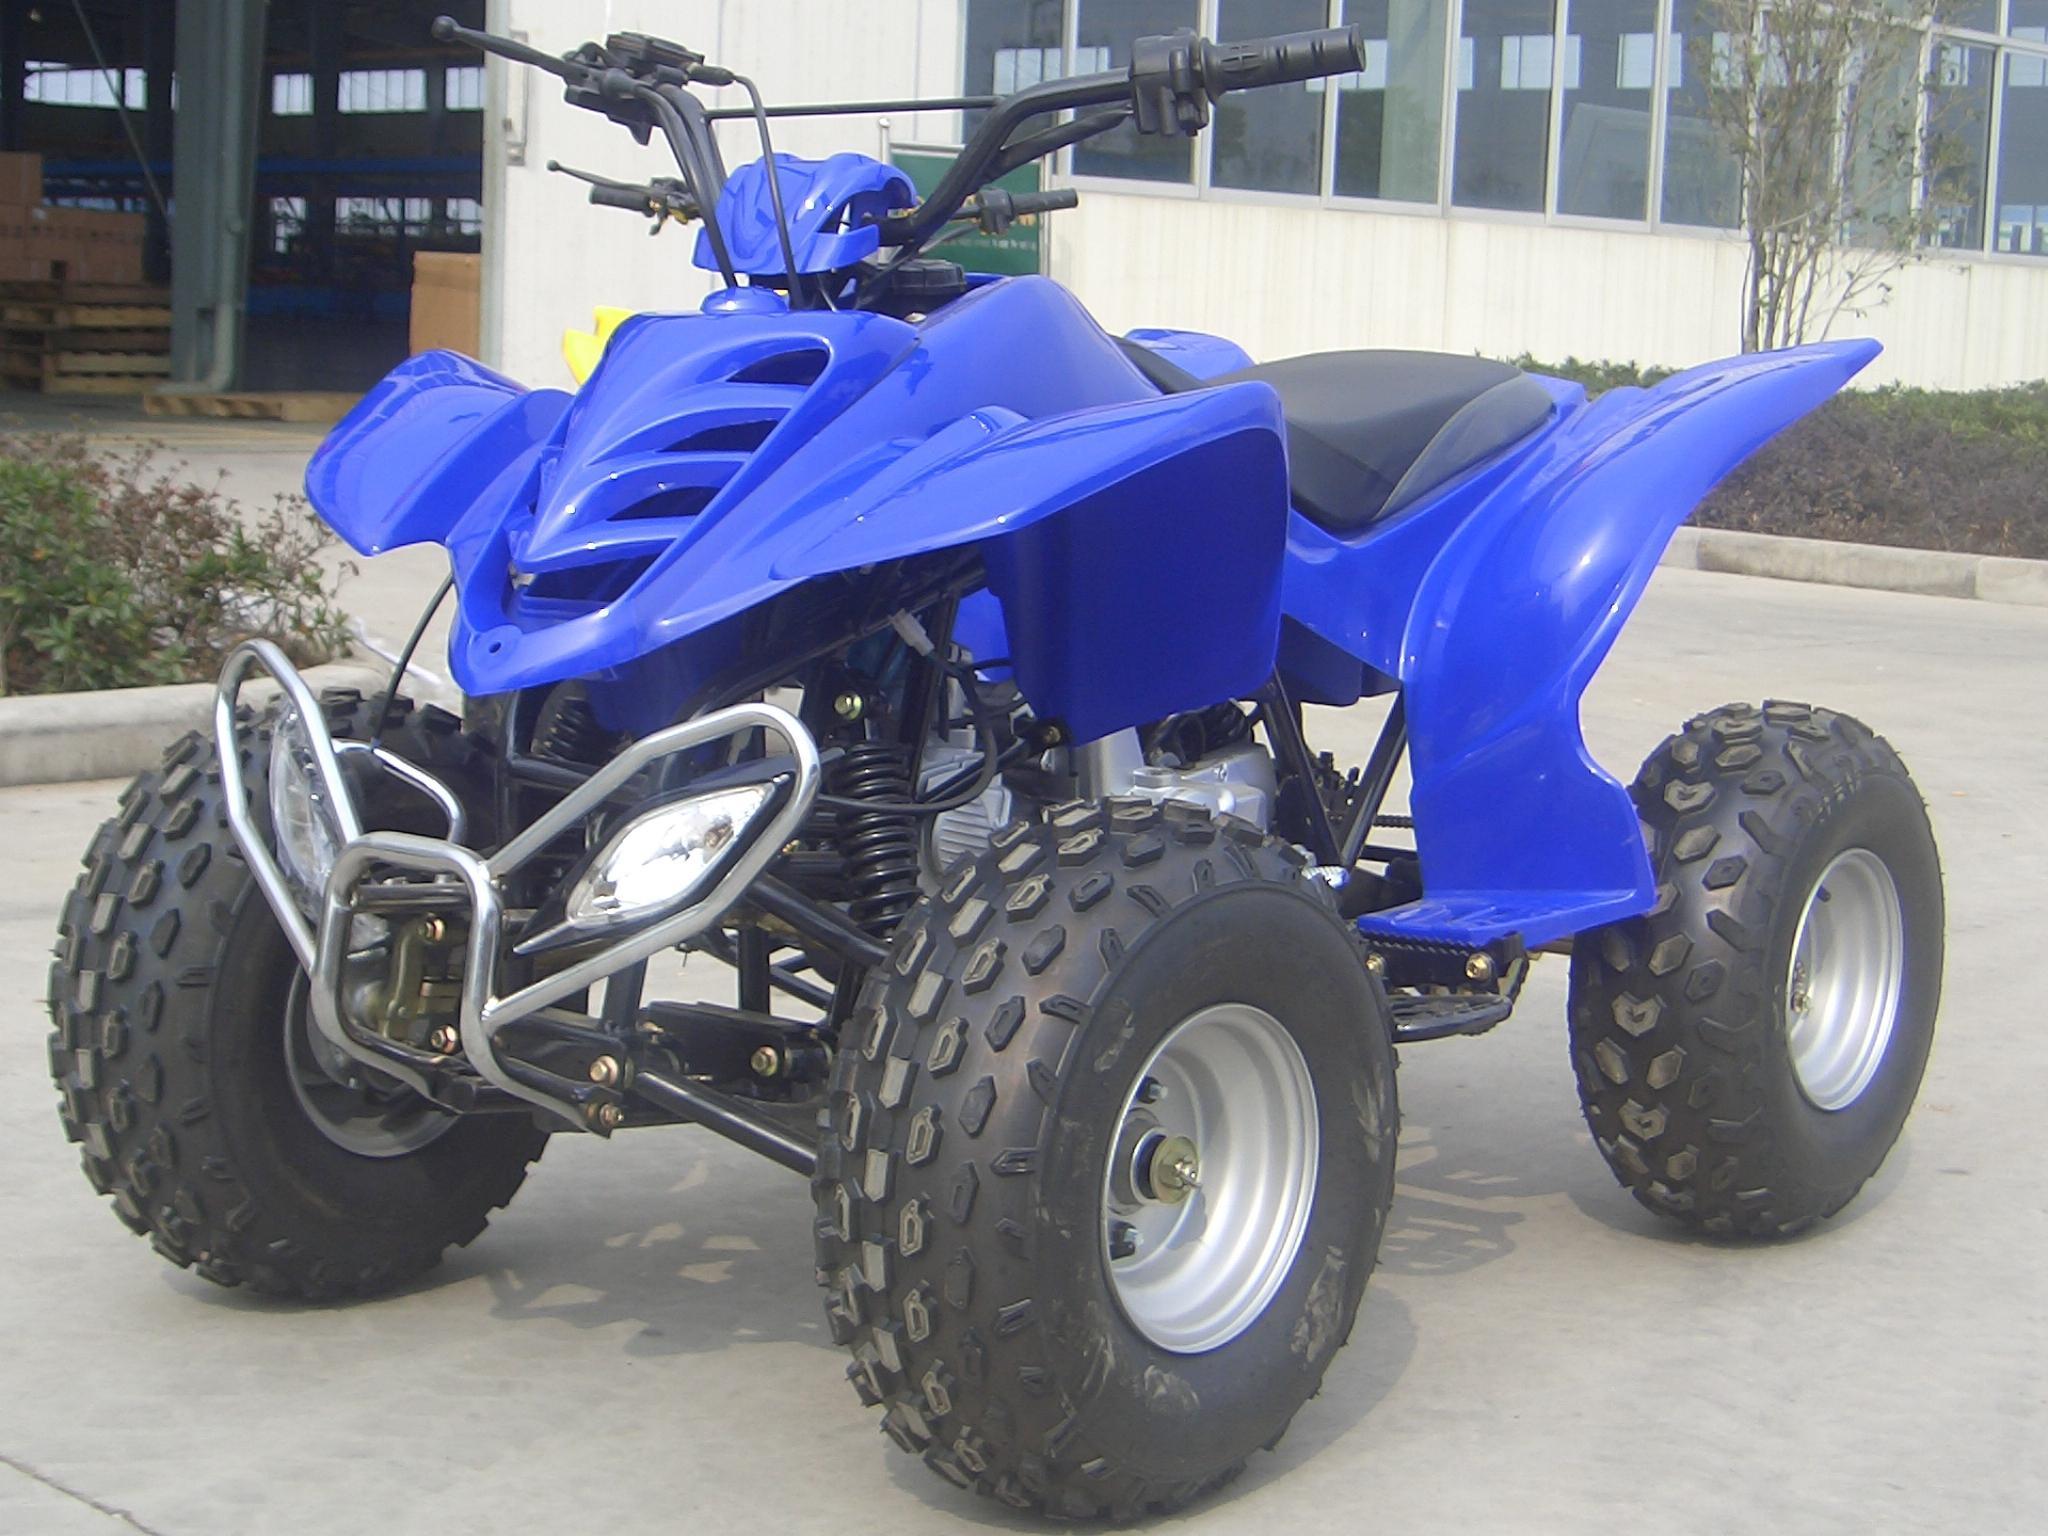 110cc Atv For Sale >> 110cc Eec Atv 110cc Eec Quads 110cc Atv For Sale Atv Quad